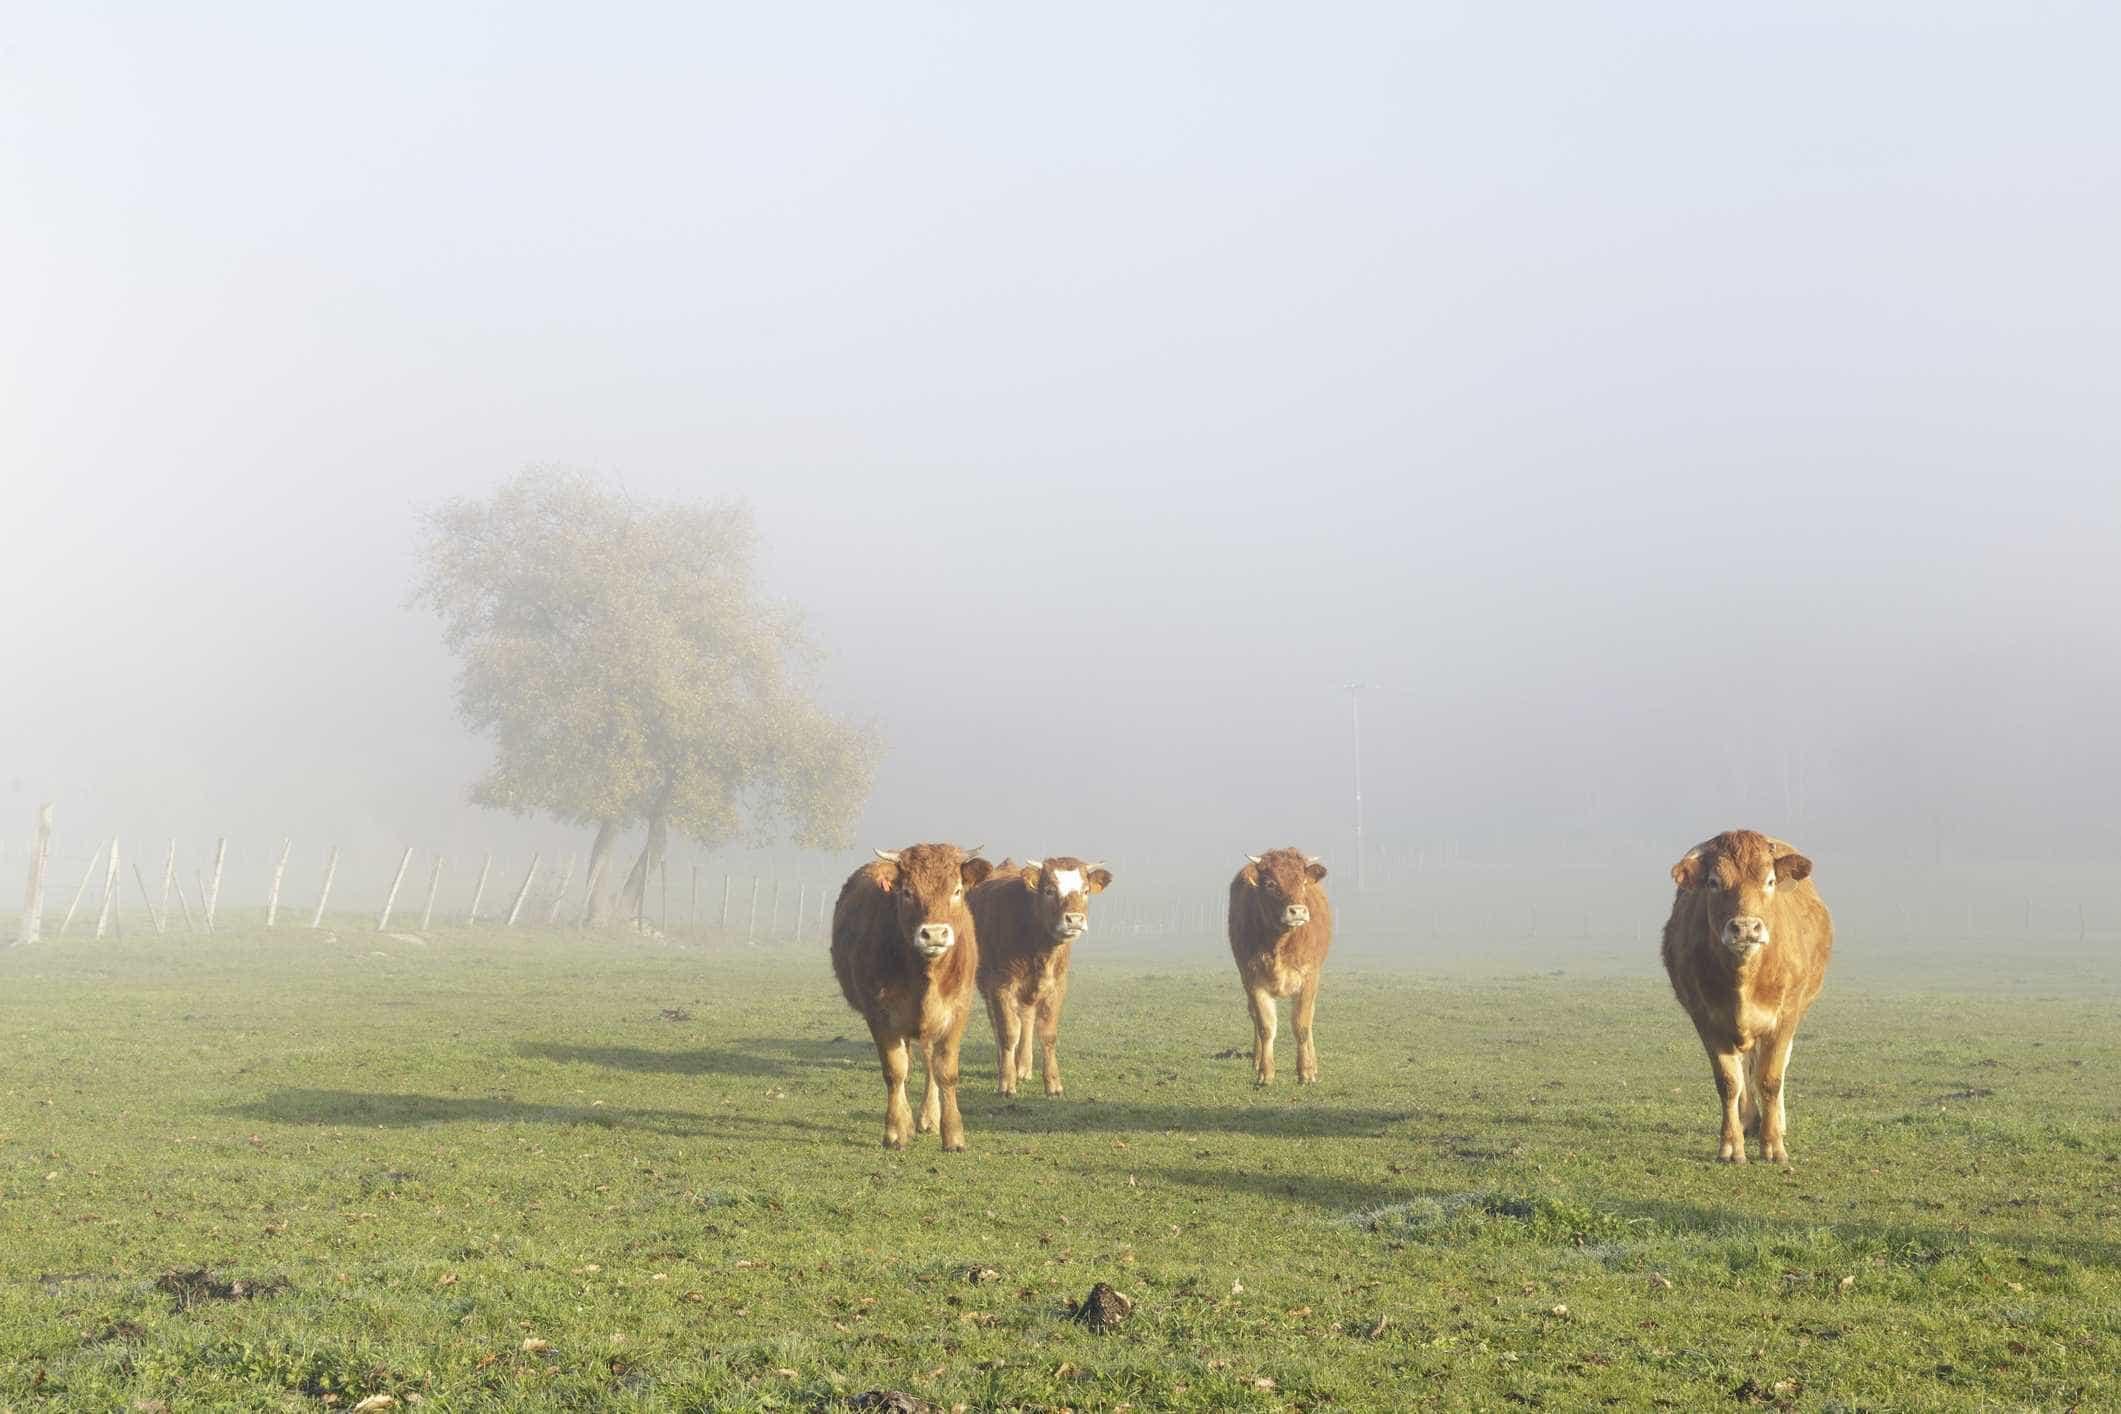 Agricultores contra a redução de 25% a 50% na produção de bovinos